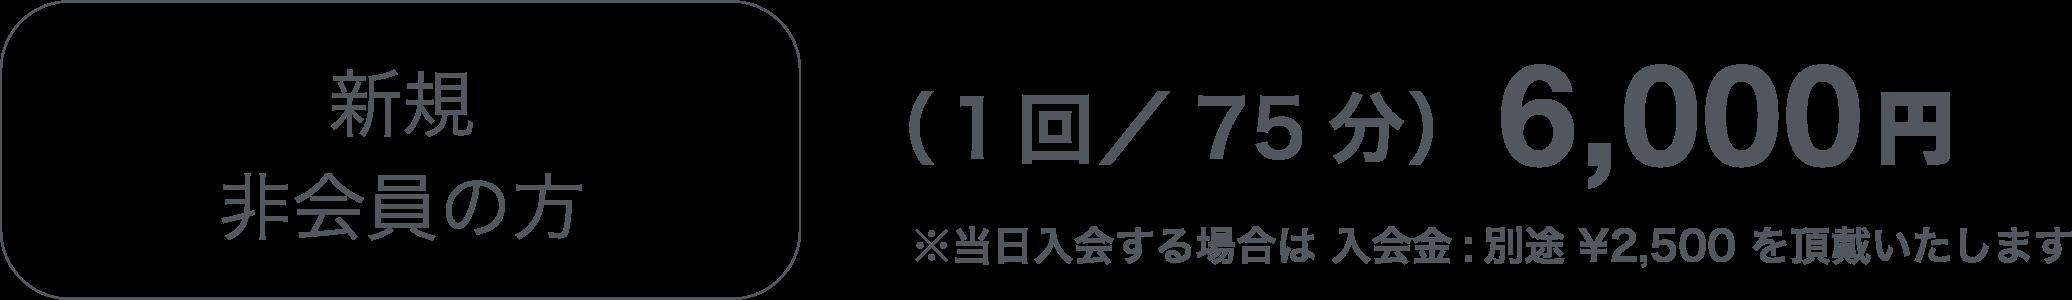 新規非会員の方(1回/75分)6,000円